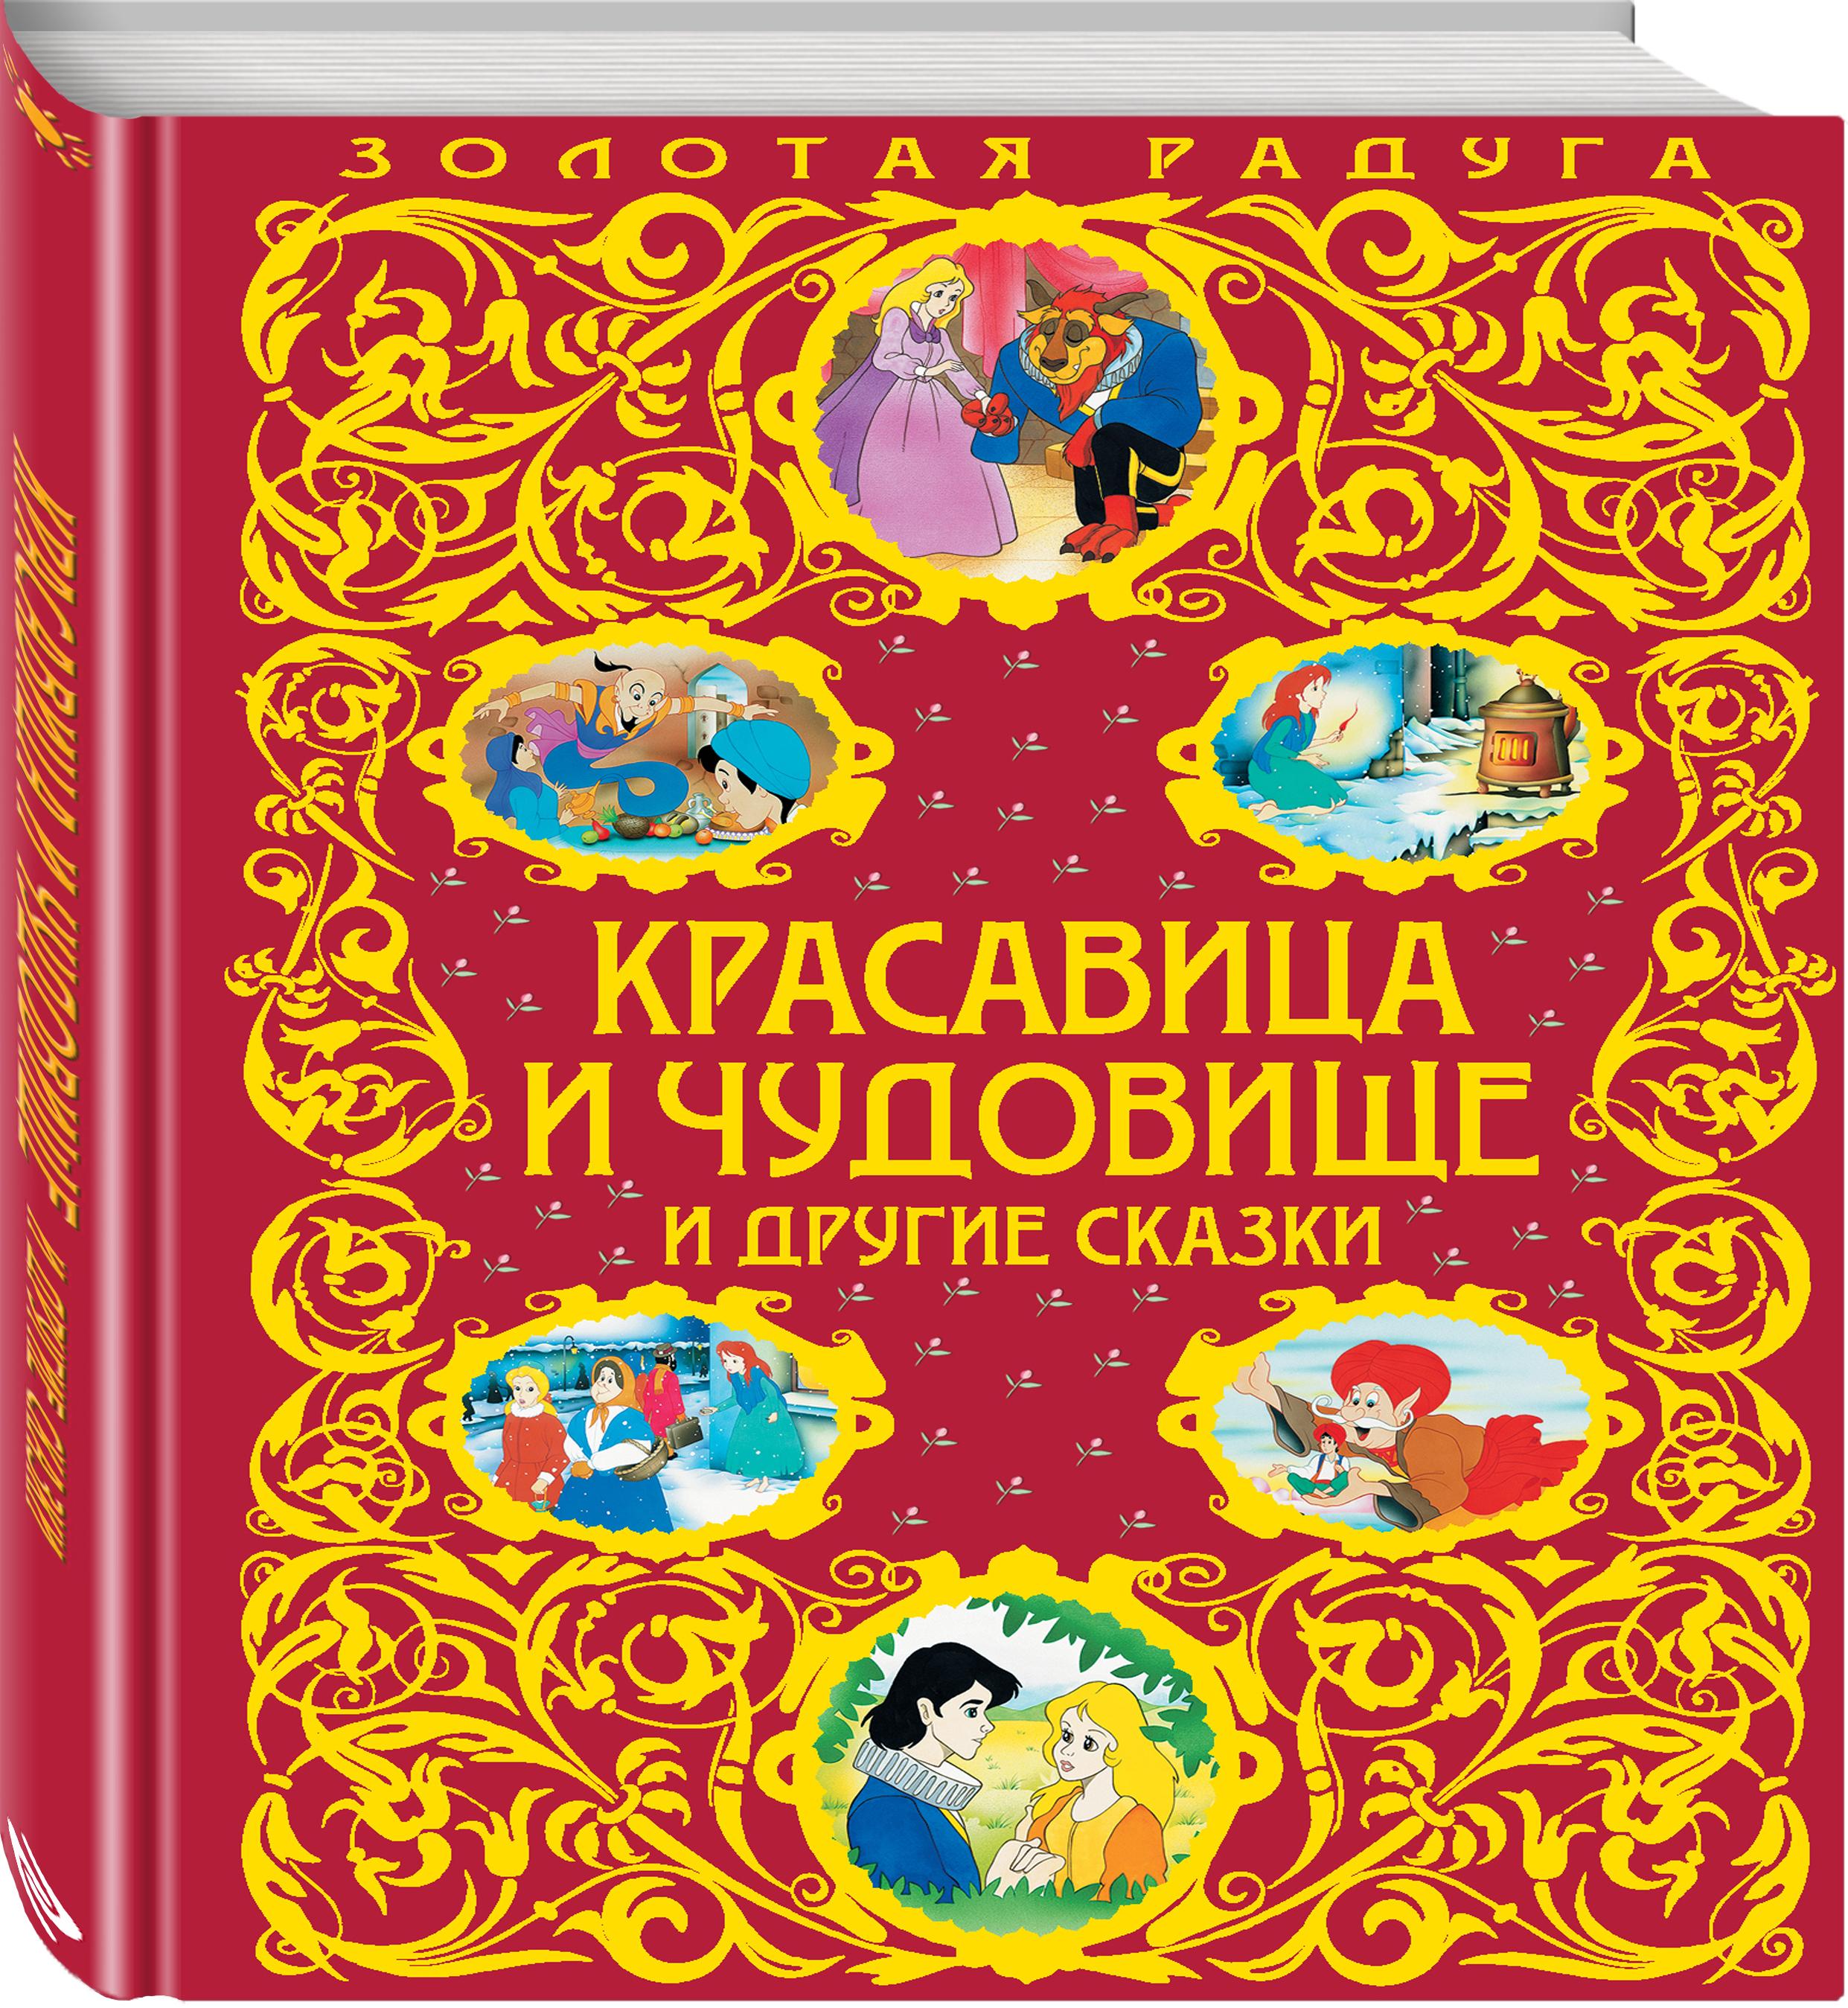 Красавица и Чудовище и другие сказки красавица и чудовище dvd книга